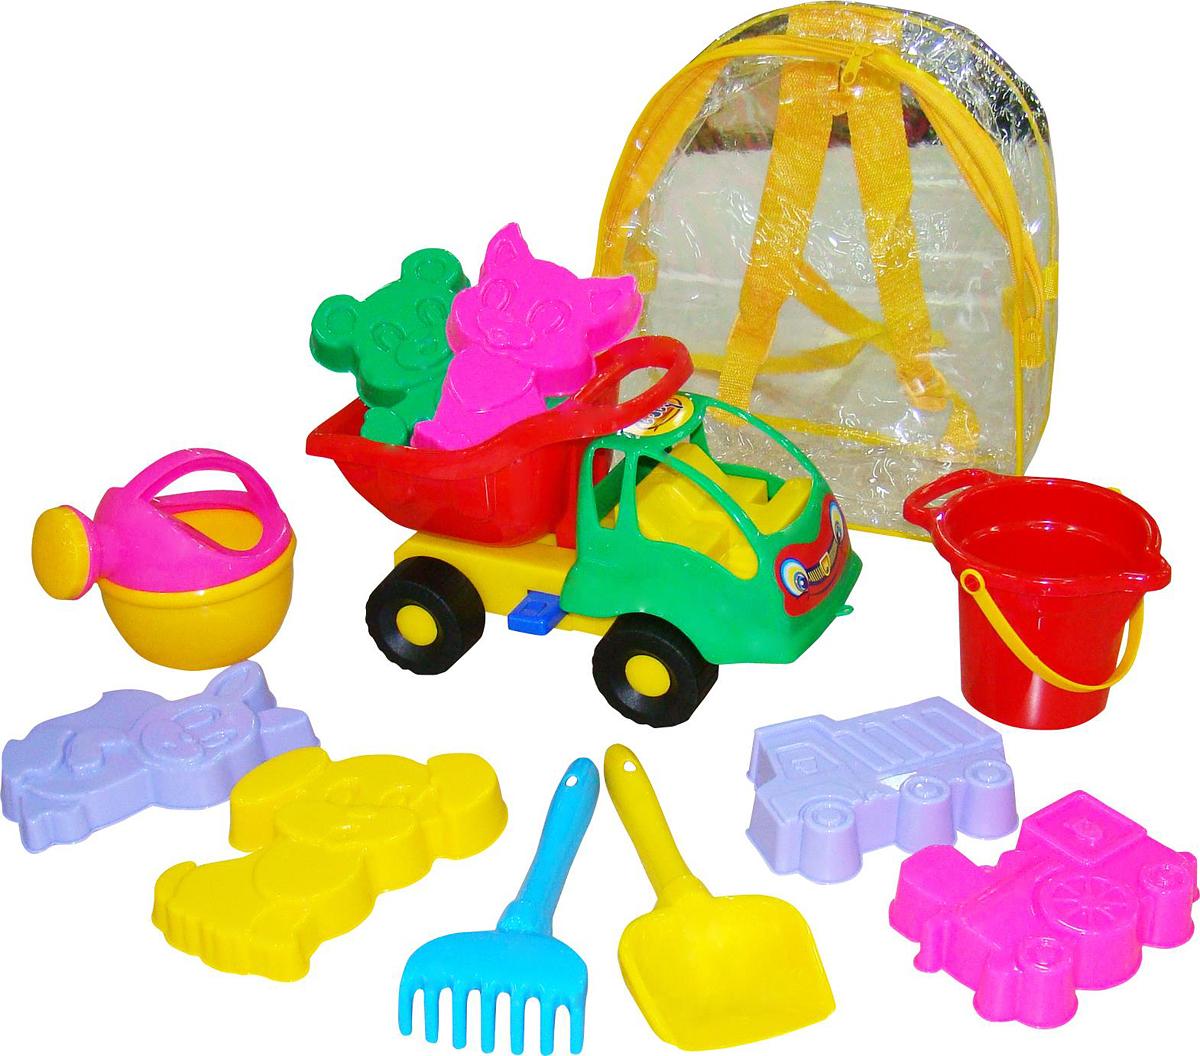 Полесье Набор игрушек для песочницы №352 Муравей, цвет в ассортименте